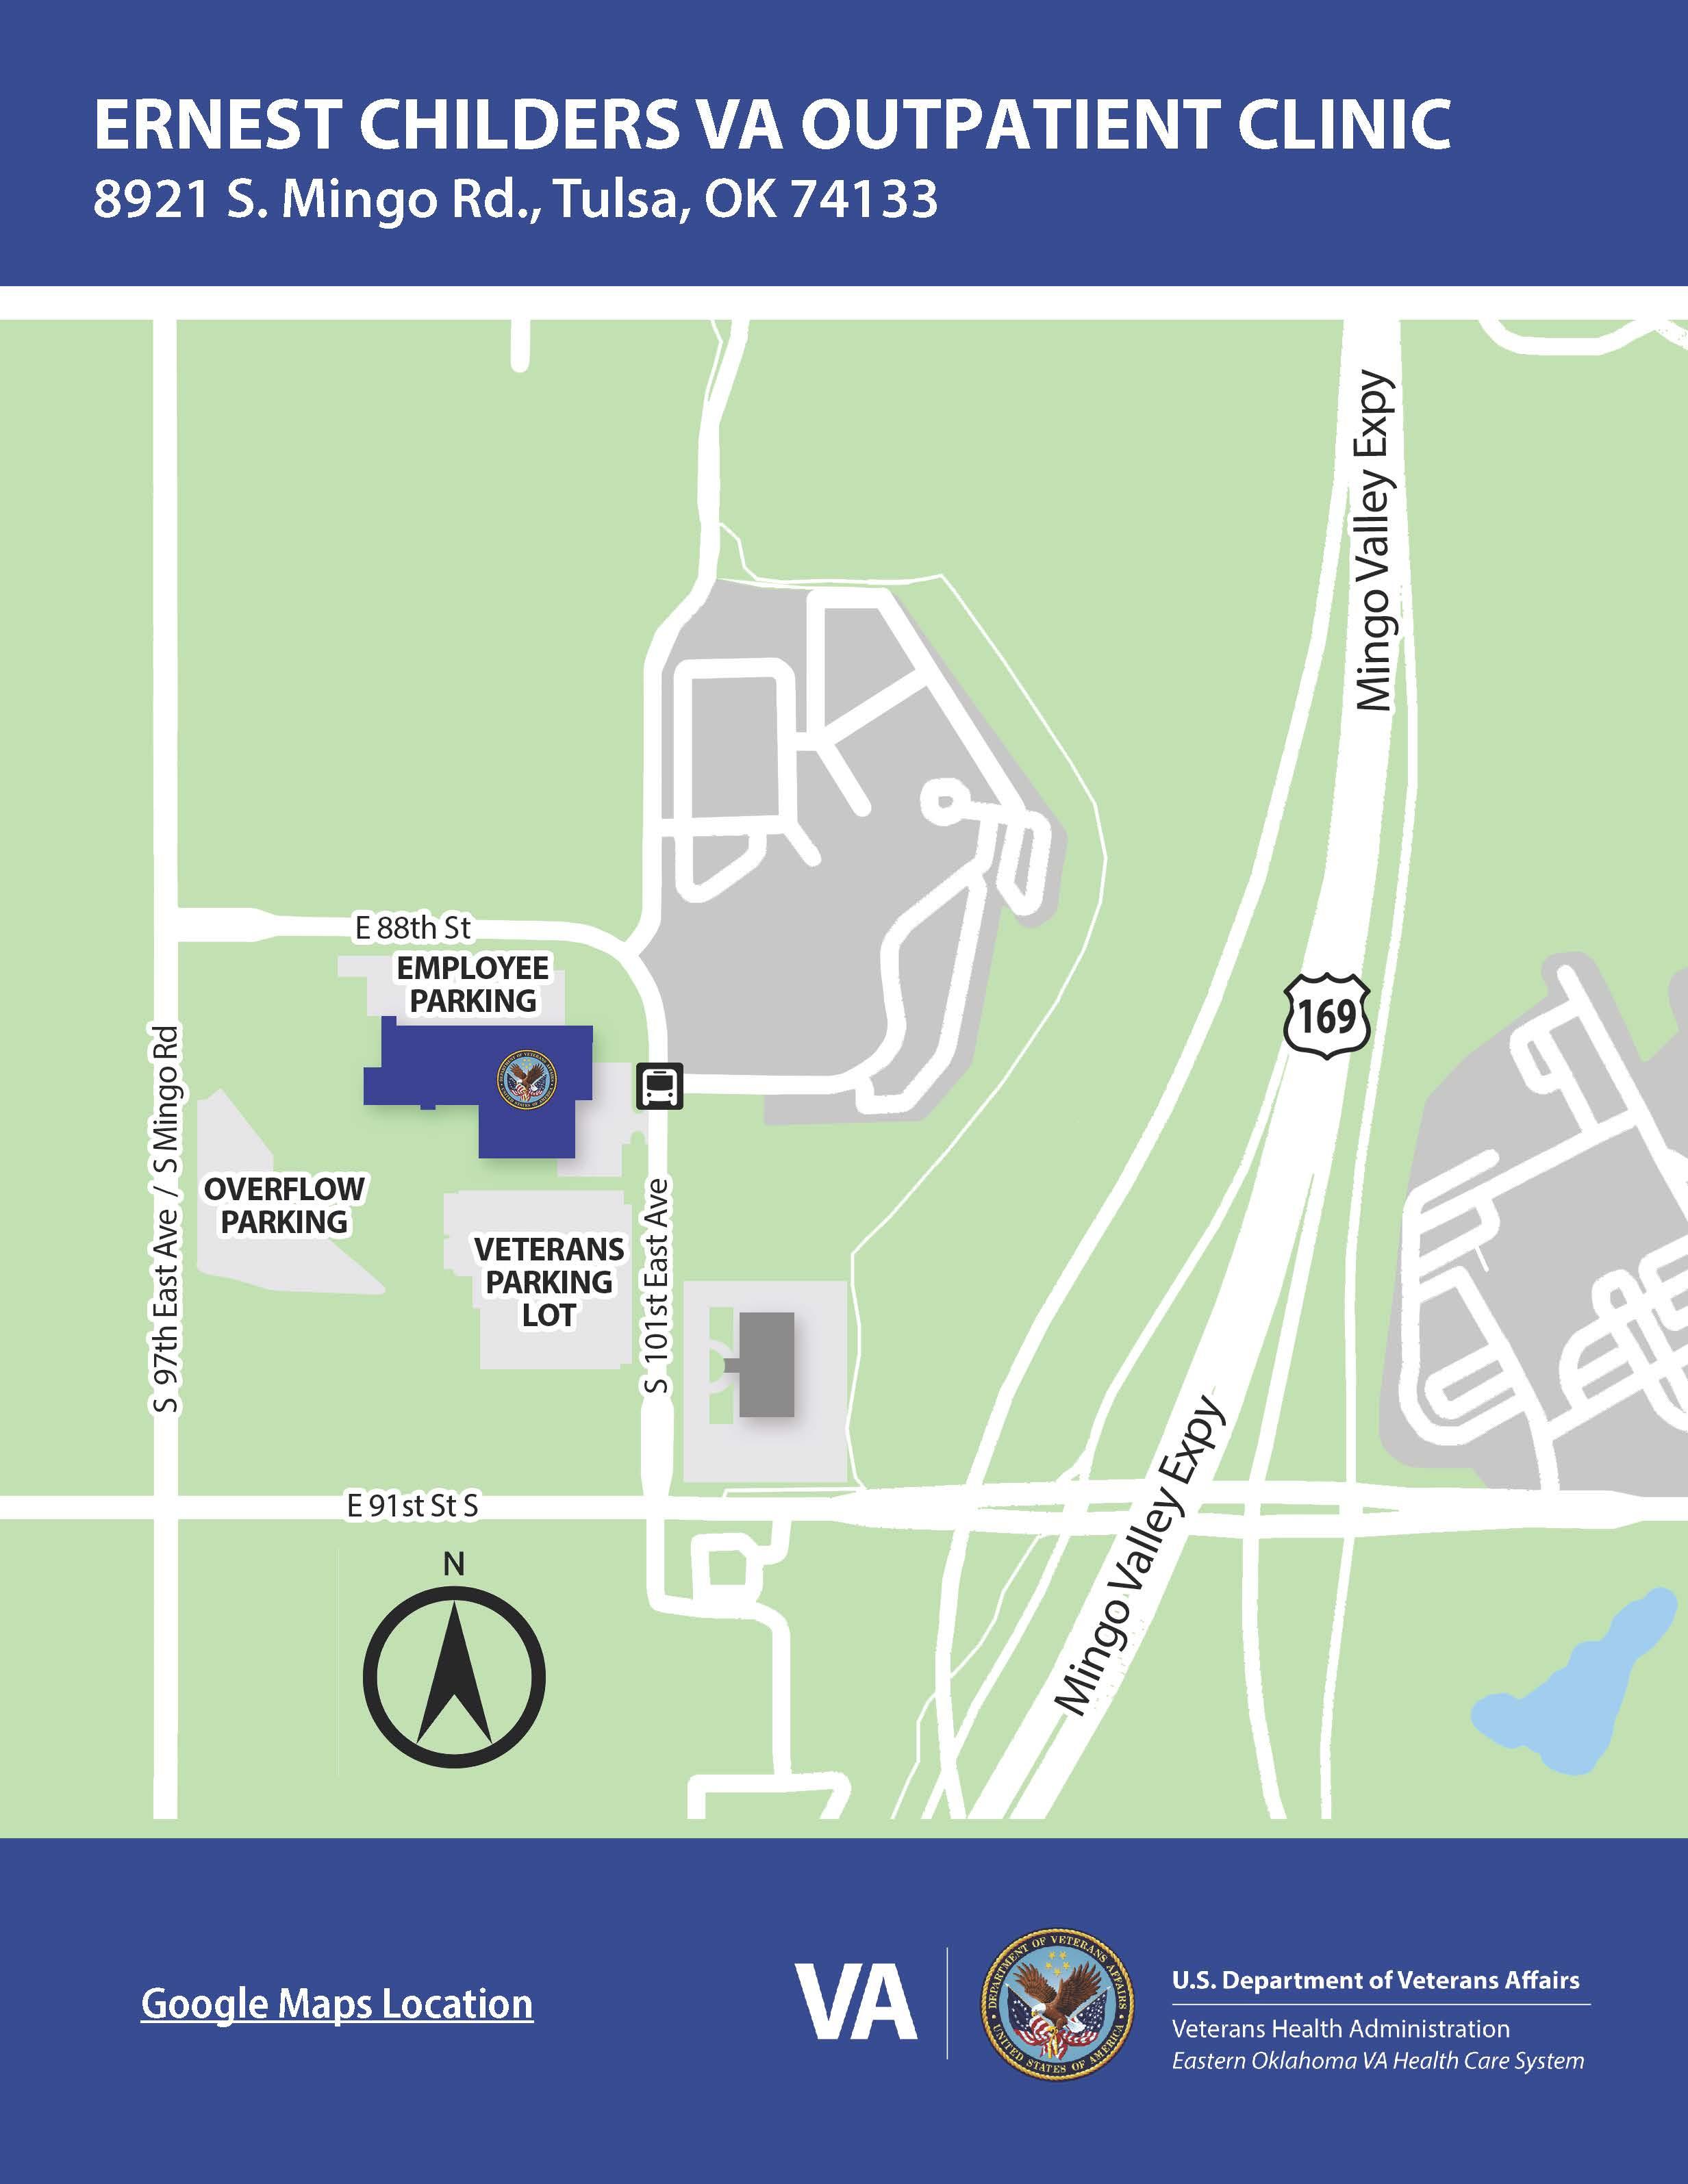 Ernest Childers VA Outpatient Clinic parking map